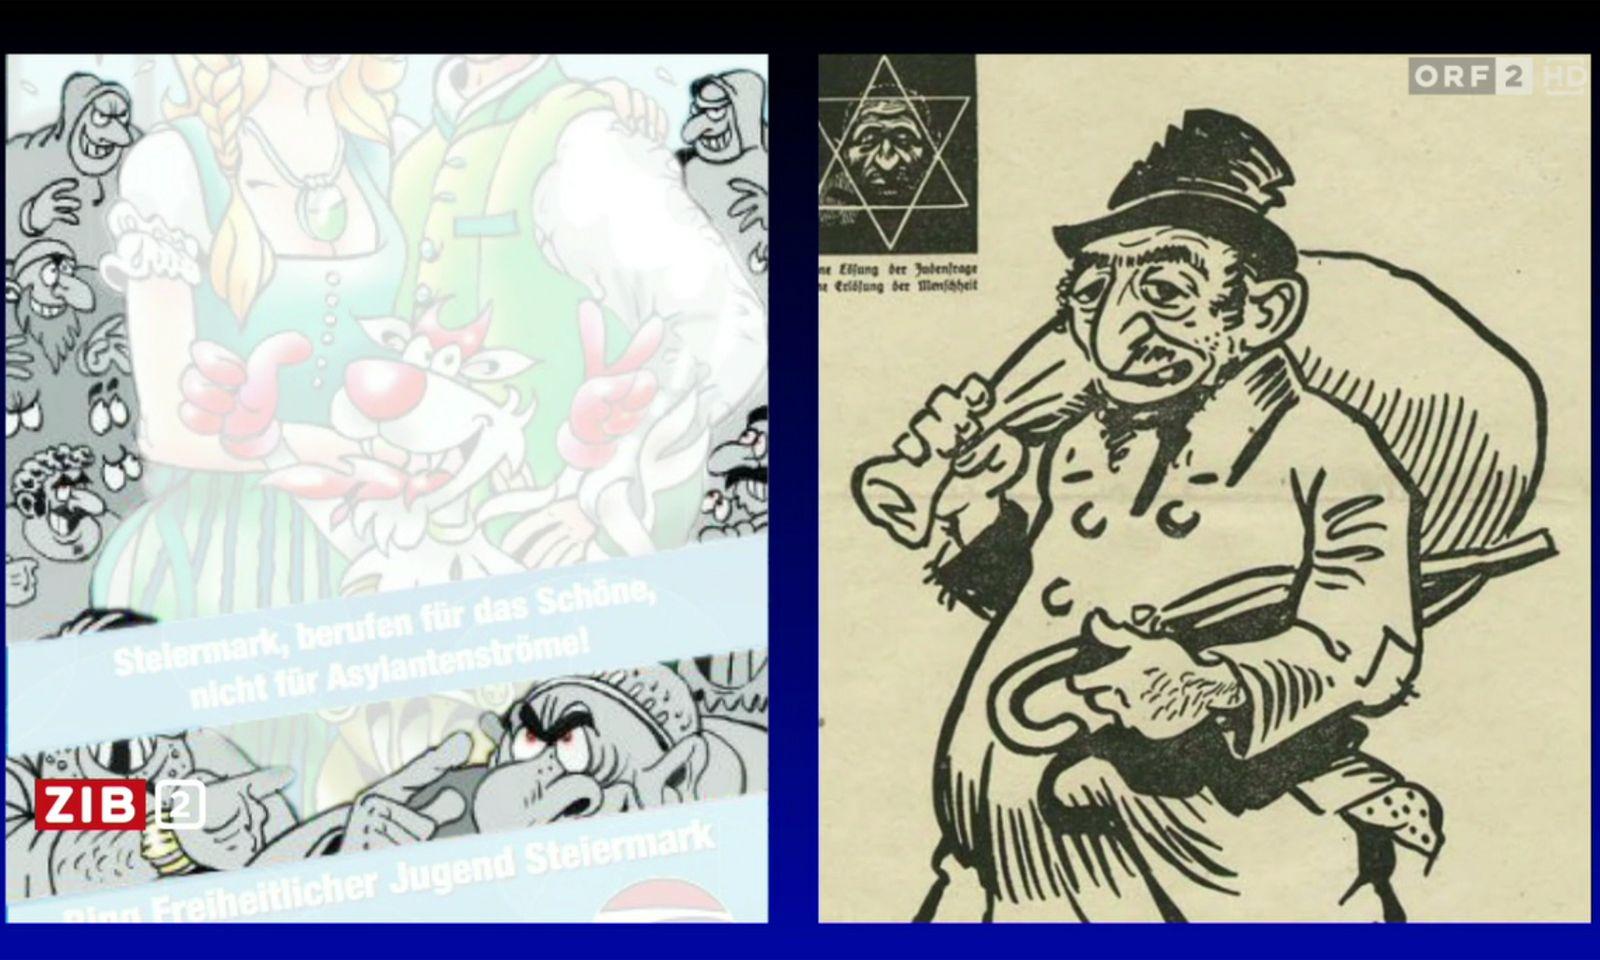 """Konkreter Anlass für Vilimskys Ärger war ein vom ZiB2-Anchor während des Interviews präsentierter Vergleich: Wolf hatte einen Cartoon der steirischen FPÖ-Parteijugend (in welchem eine einheimische Familie in grüner Tracht von finsteren Zuwanderern mit langer Nase, Bart und Buckel bedroht wird) der Darstellung eines Juden aus dem NS-Kampfblatt """"Der Stürmer"""" gegenübergestellt. """"Können Sie mir sagen, was diese Darstellungen unterscheidet"""", fragte Wolf."""